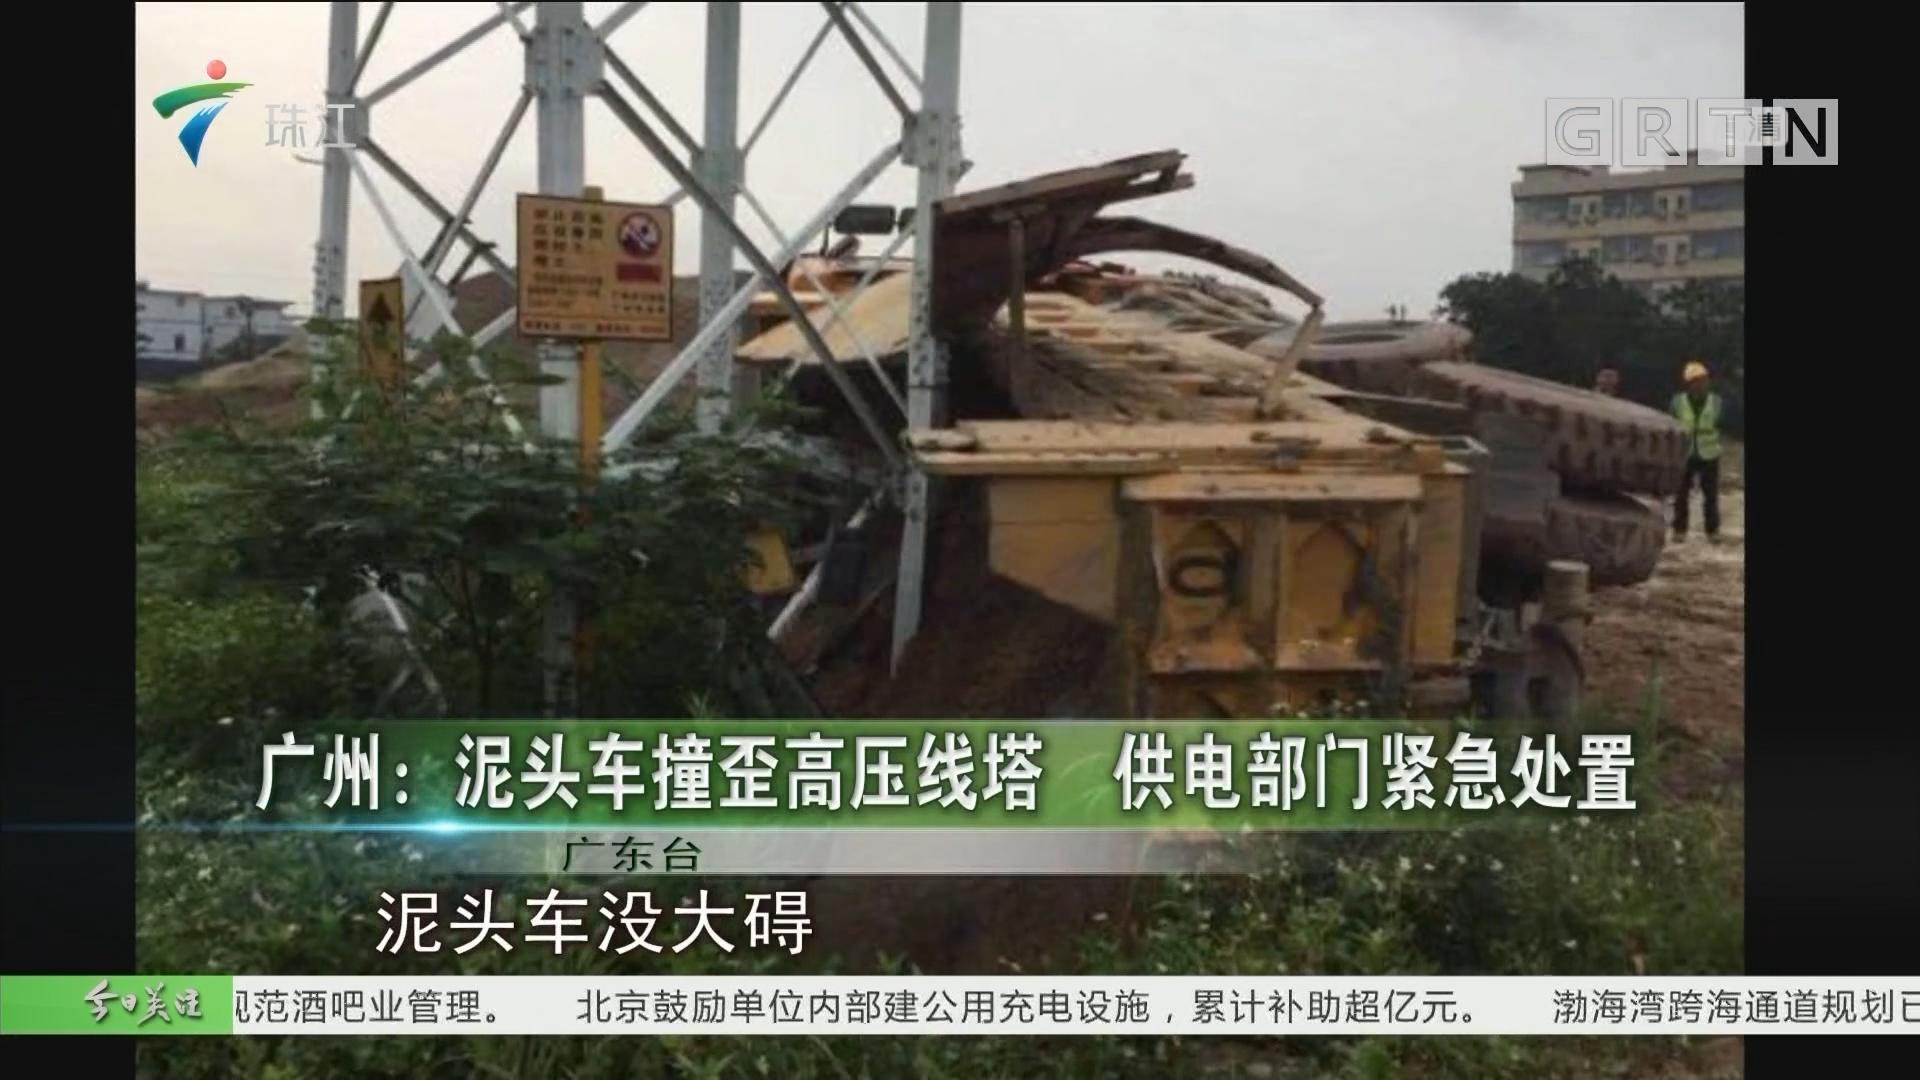 广州:泥头车撞歪高压线塔 供电部门紧急处置